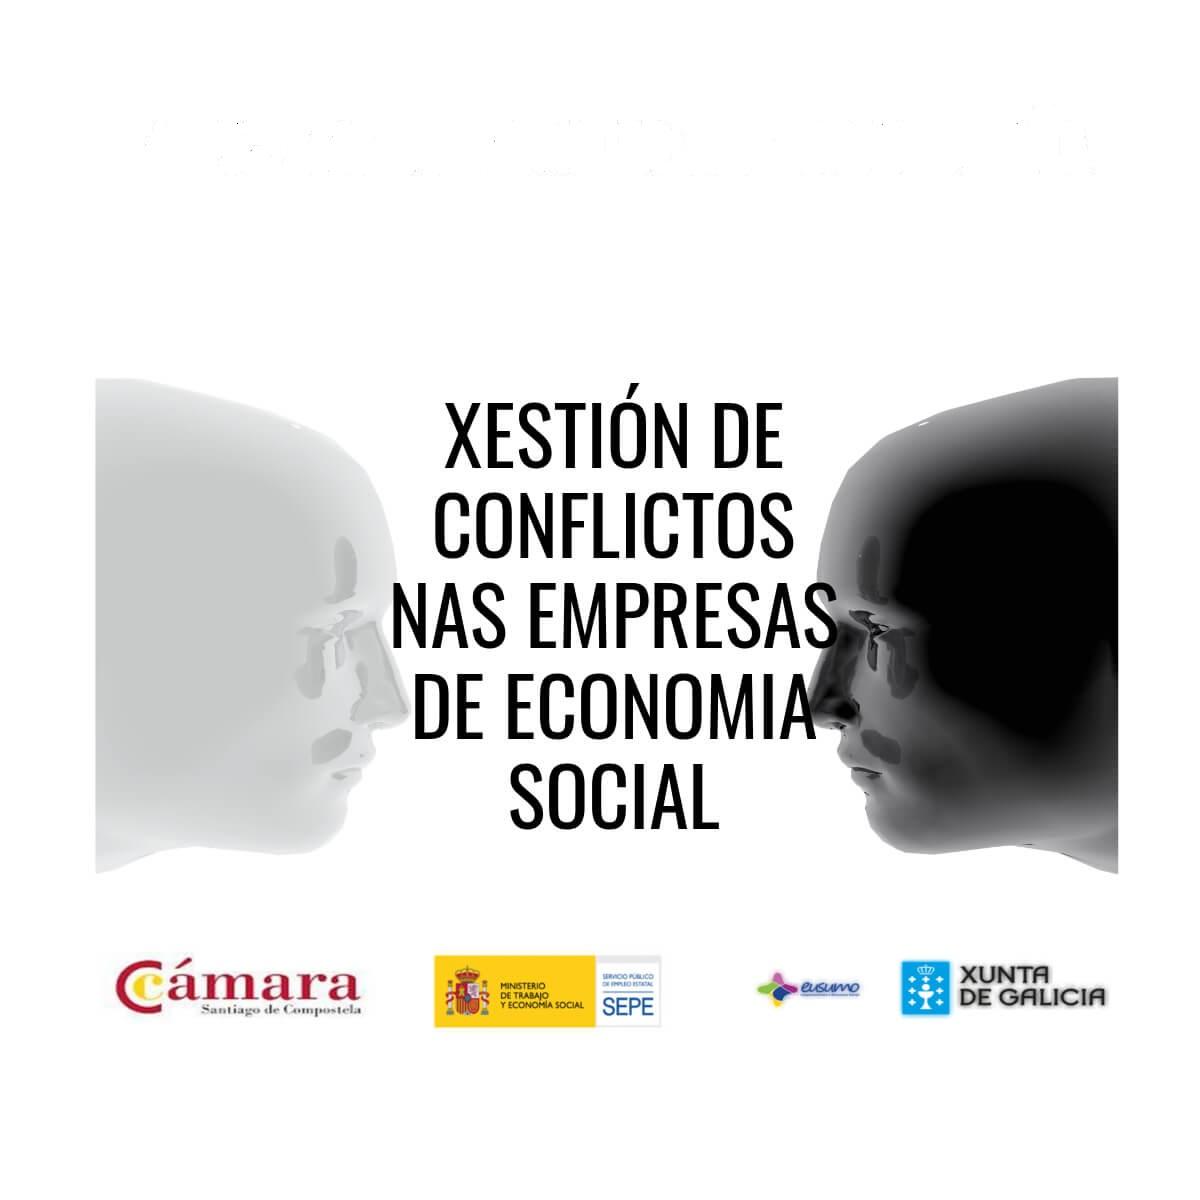 TALLER GRATUITO XESTIÓN DE CONFLICTOS NAS EMPRESAS DE ECONOMÍA SOCIAL